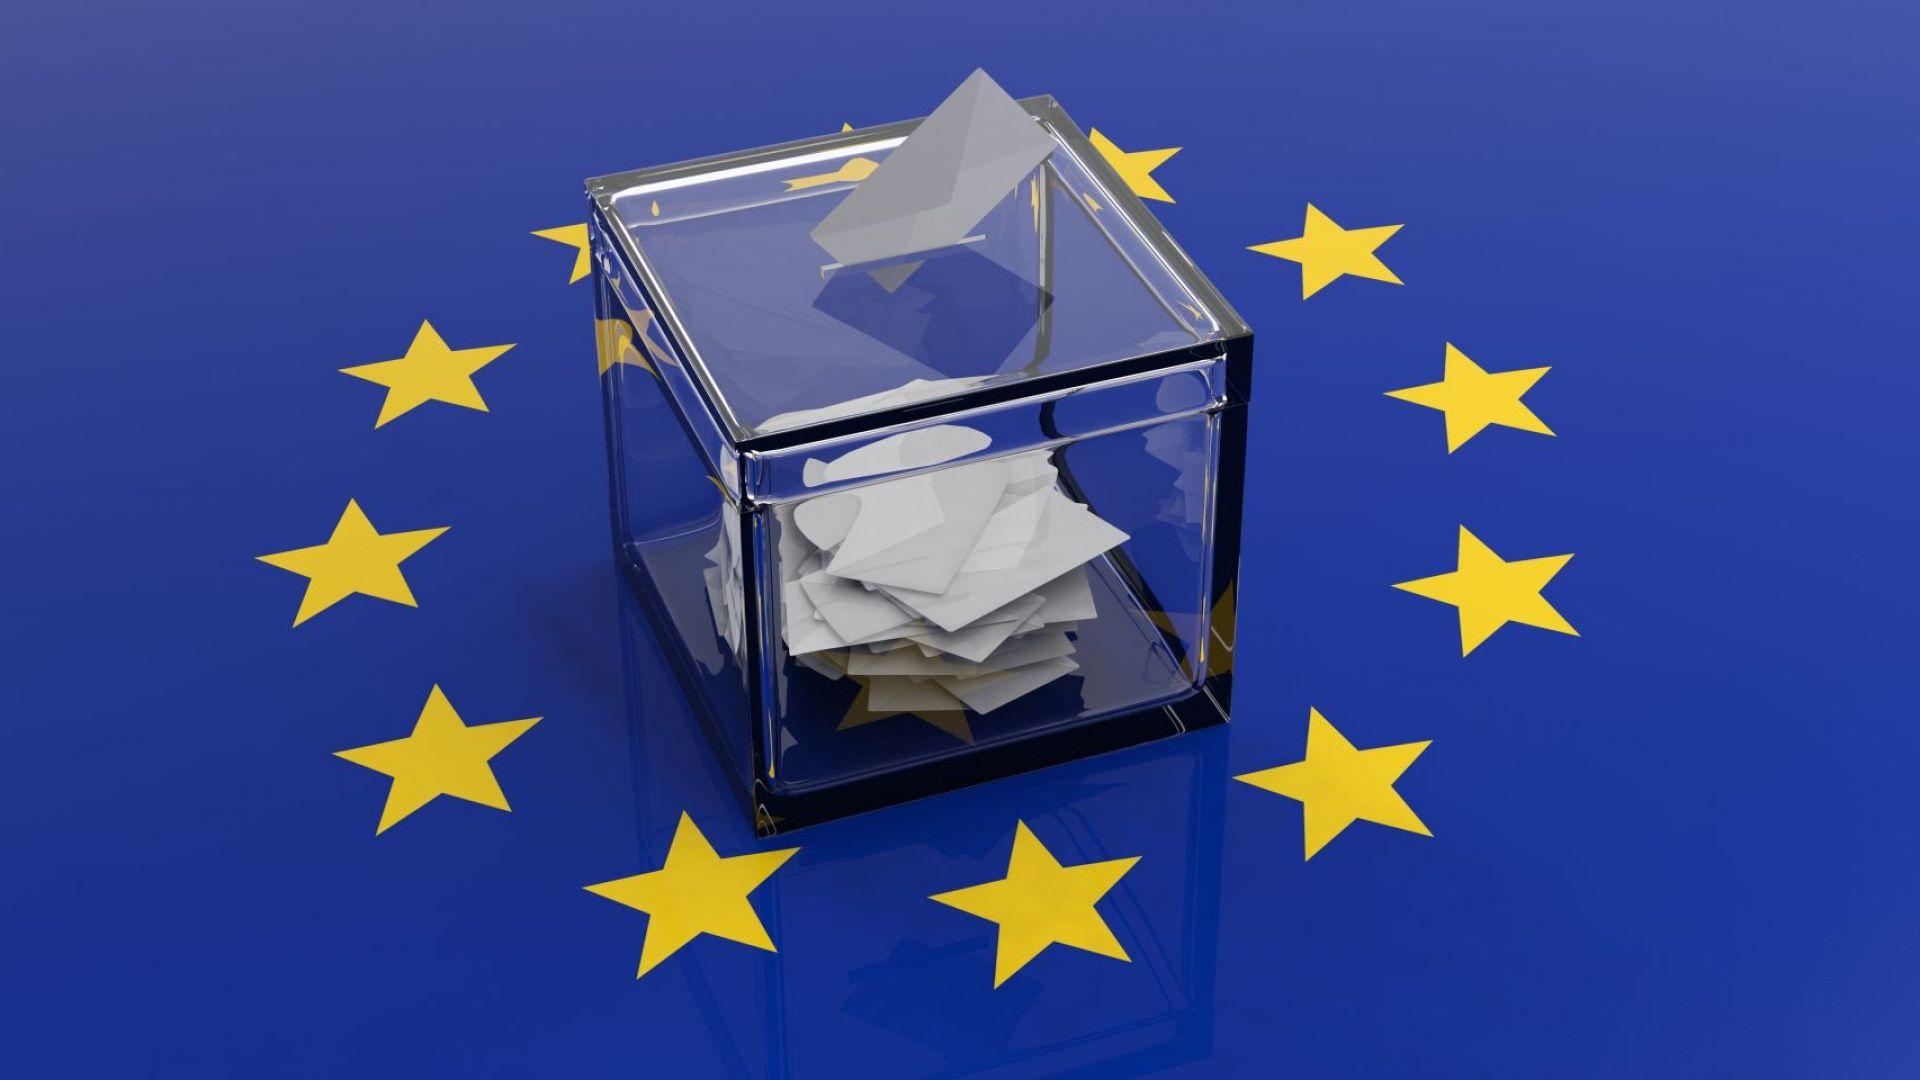 Първите официални резултати от изборите за ЕП днес показват, че